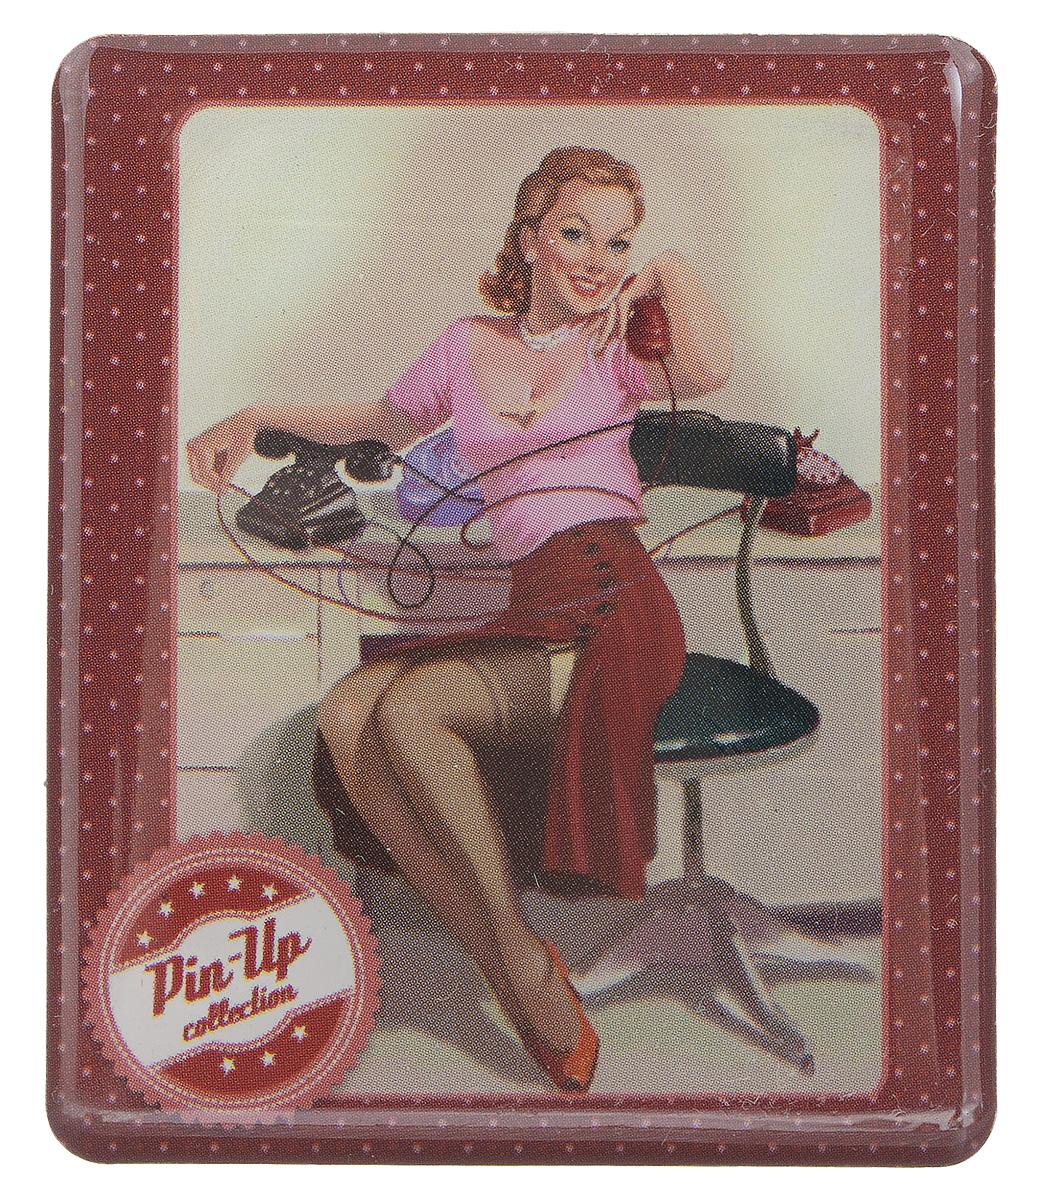 Магнит Феникс-презент Девушка пинап, 6 x 5 см31536Магнит прямоугольной формы Феникс-презент Девушка пинап, выполненный из агломерированного феррита, станет приятным штрихом в повседневной жизни. Оригинальный магнит, декорированный изображением девушки с телефоном, поможет вам украсить не только холодильник, но и любую другую магнитную поверхность. Материал: агломерированный феррит.